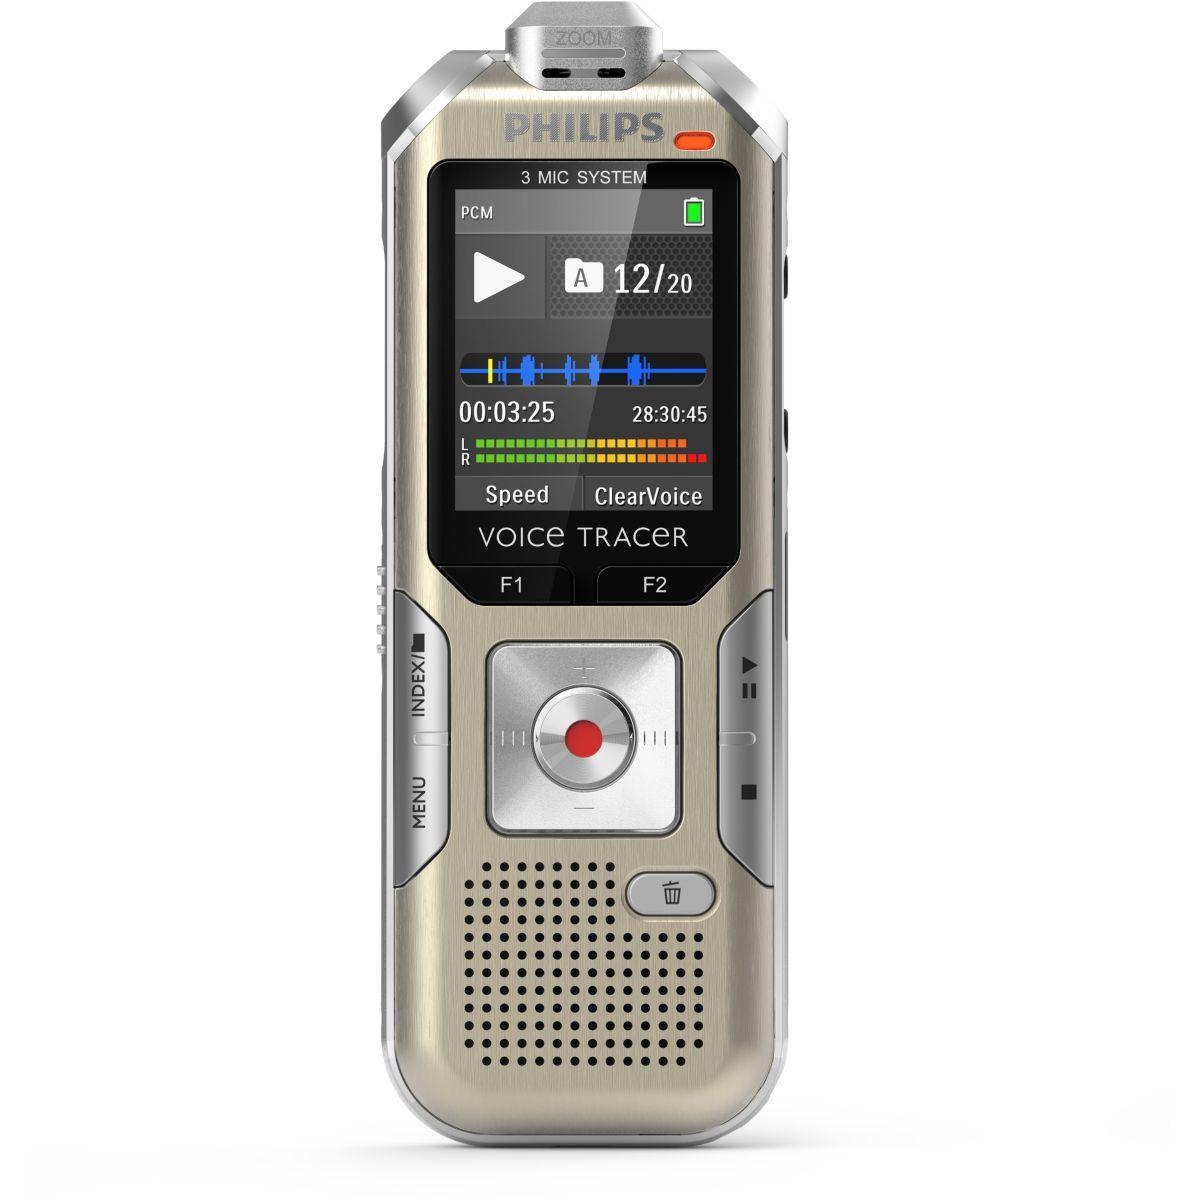 Dictaphone philips dvt6510 - 7% de remise imm�diate avec le code : school7 (photo)